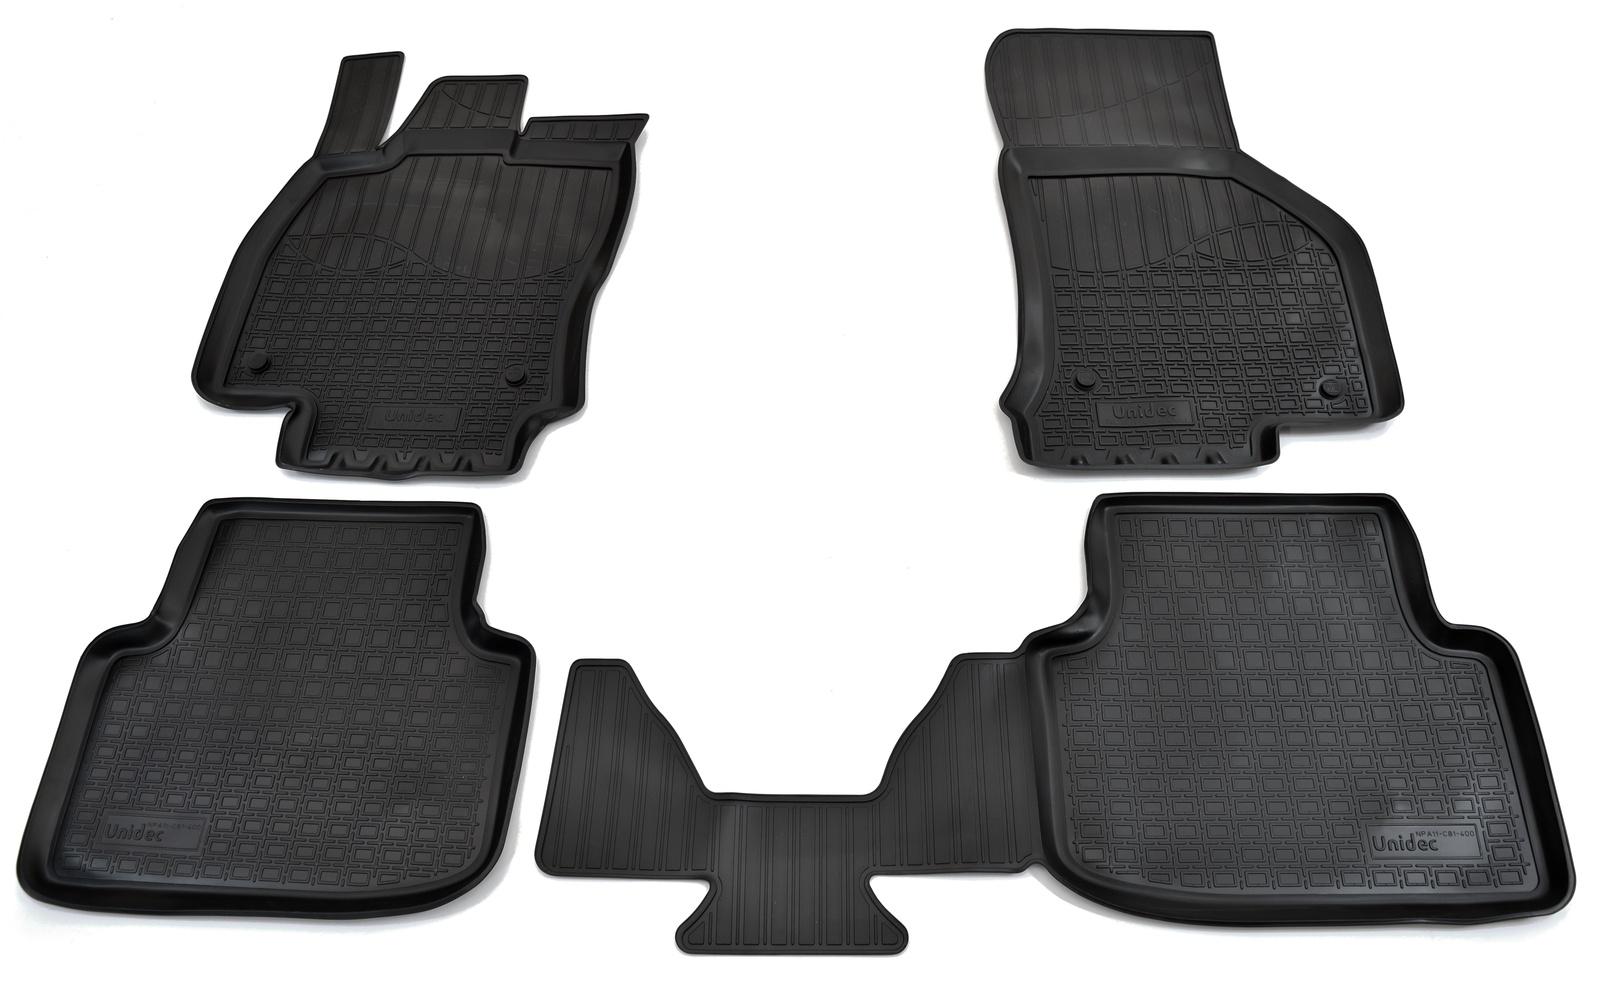 Коврики в салон автомобиля Norplast для Skoda Octavia III A7 2013, NPA11-C81-400, черный недорго, оригинальная цена